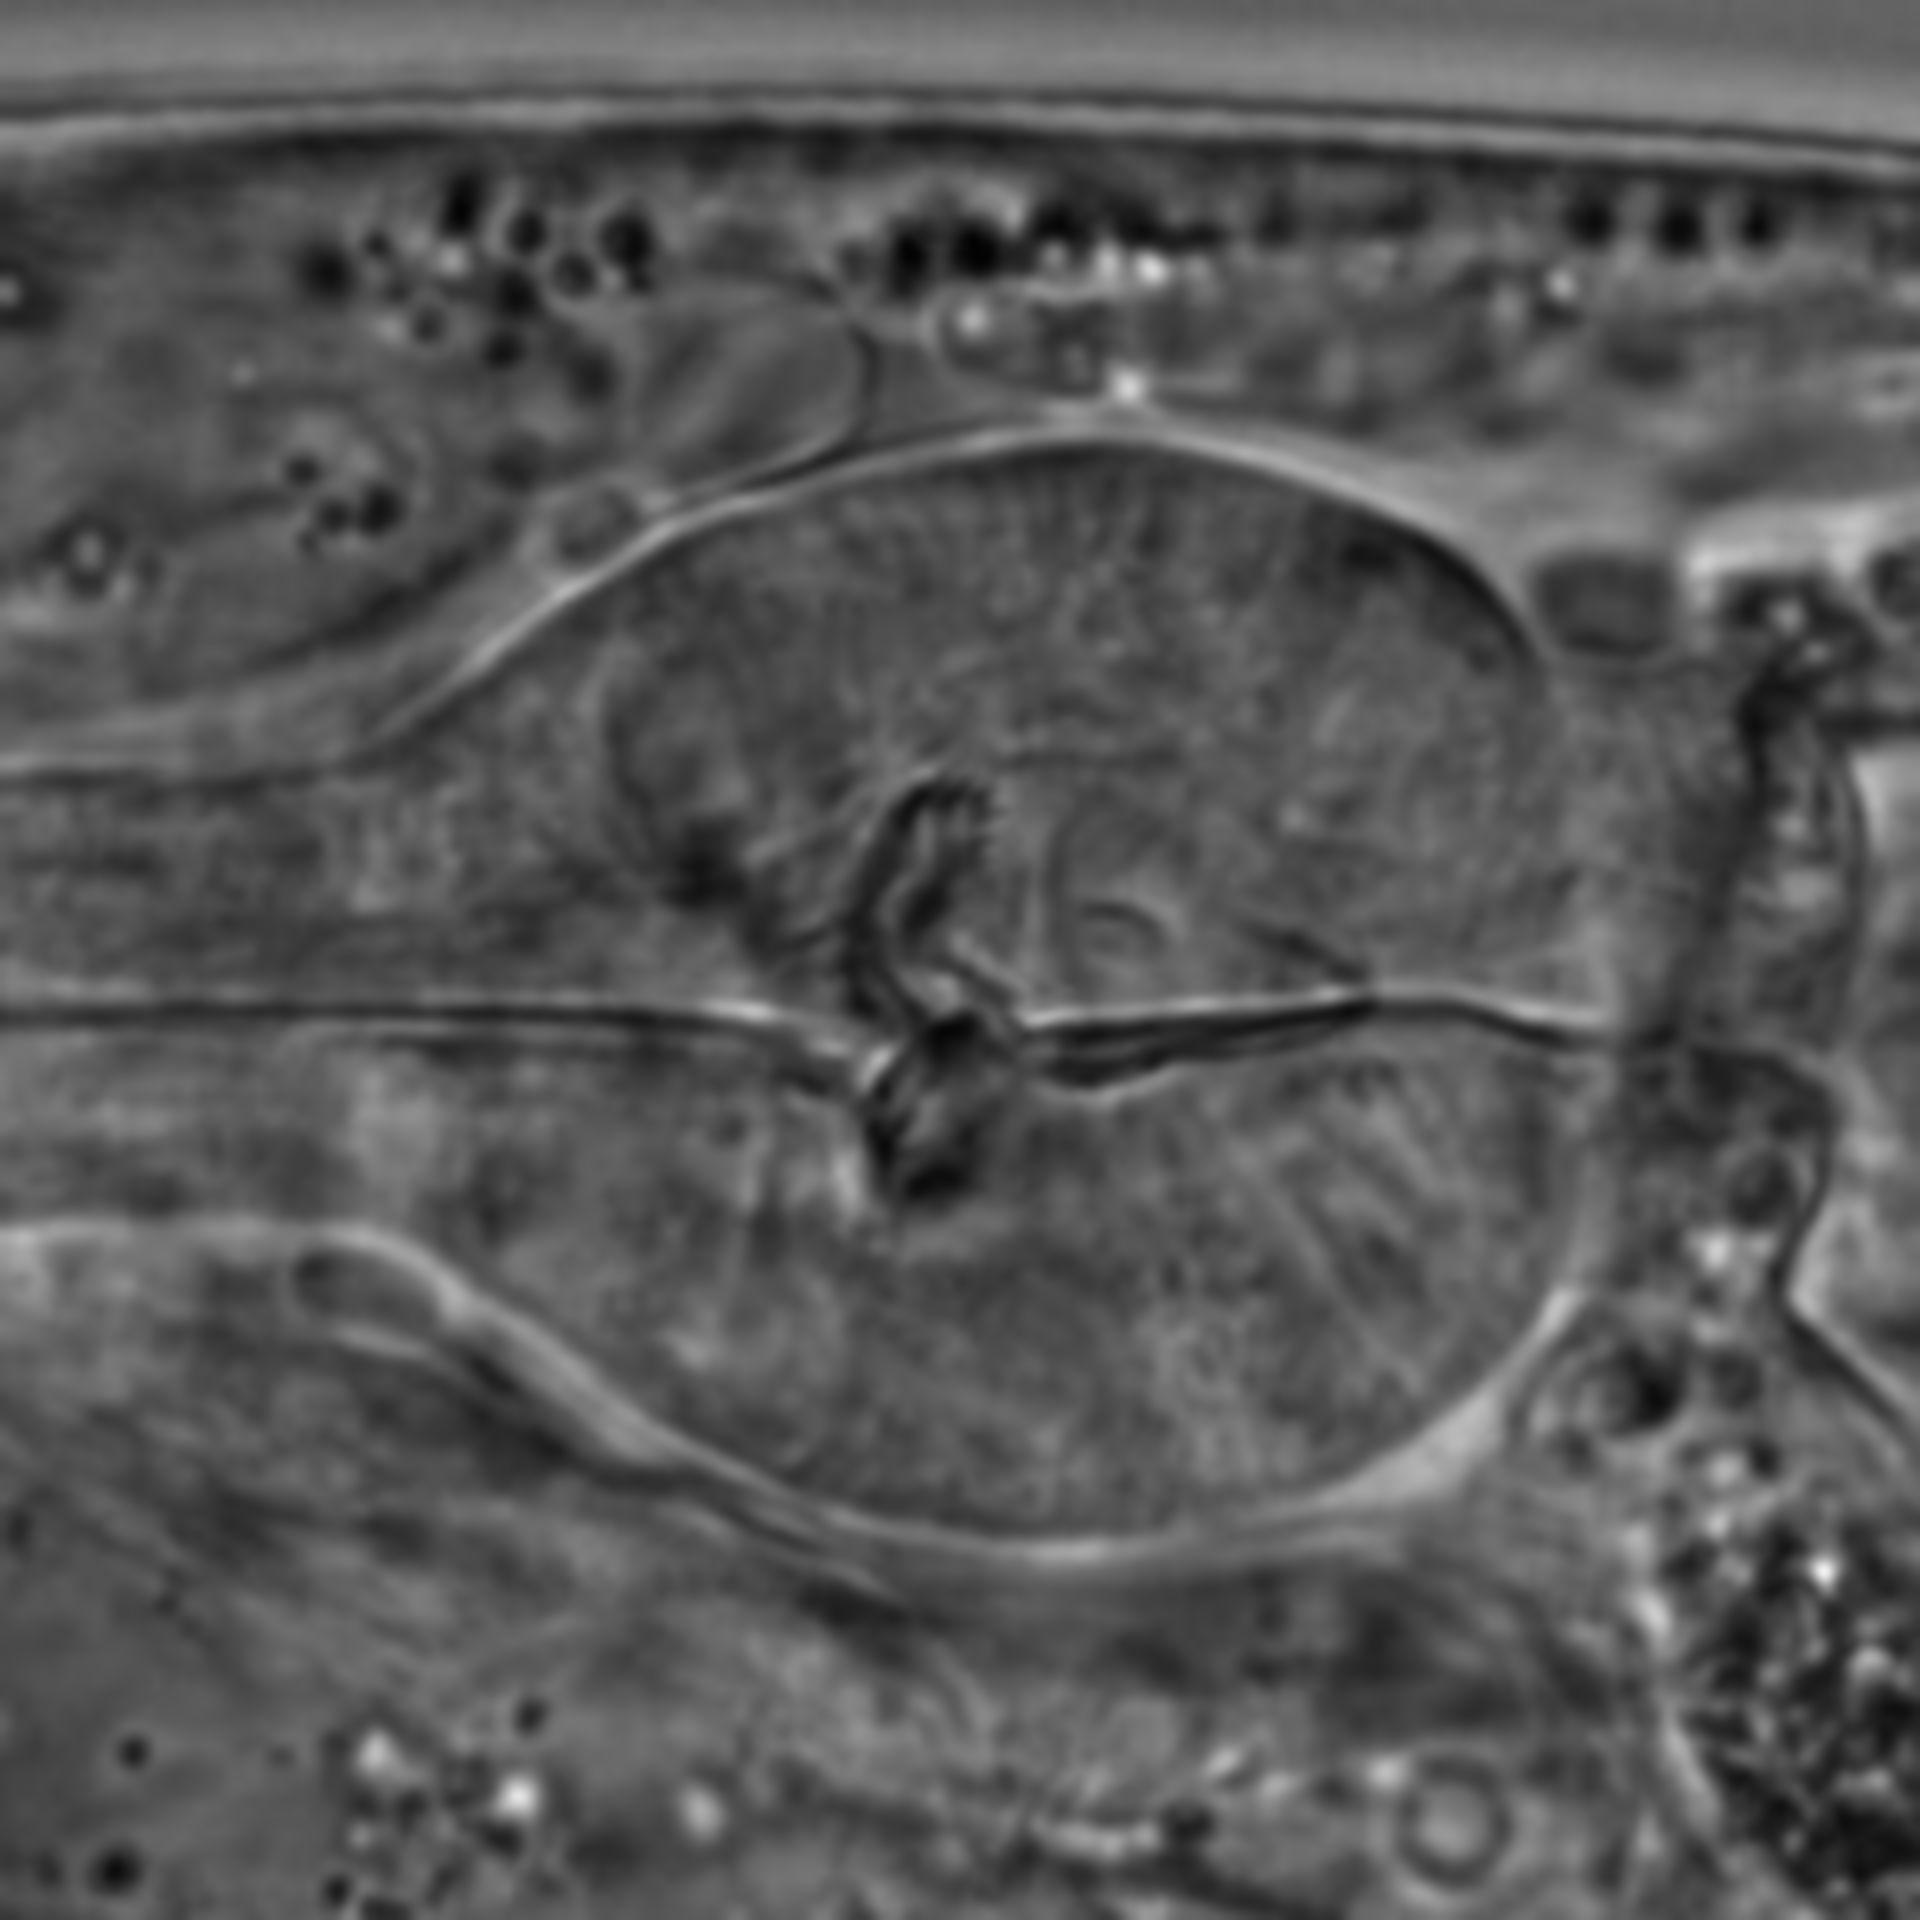 Caenorhabditis elegans - CIL:1594